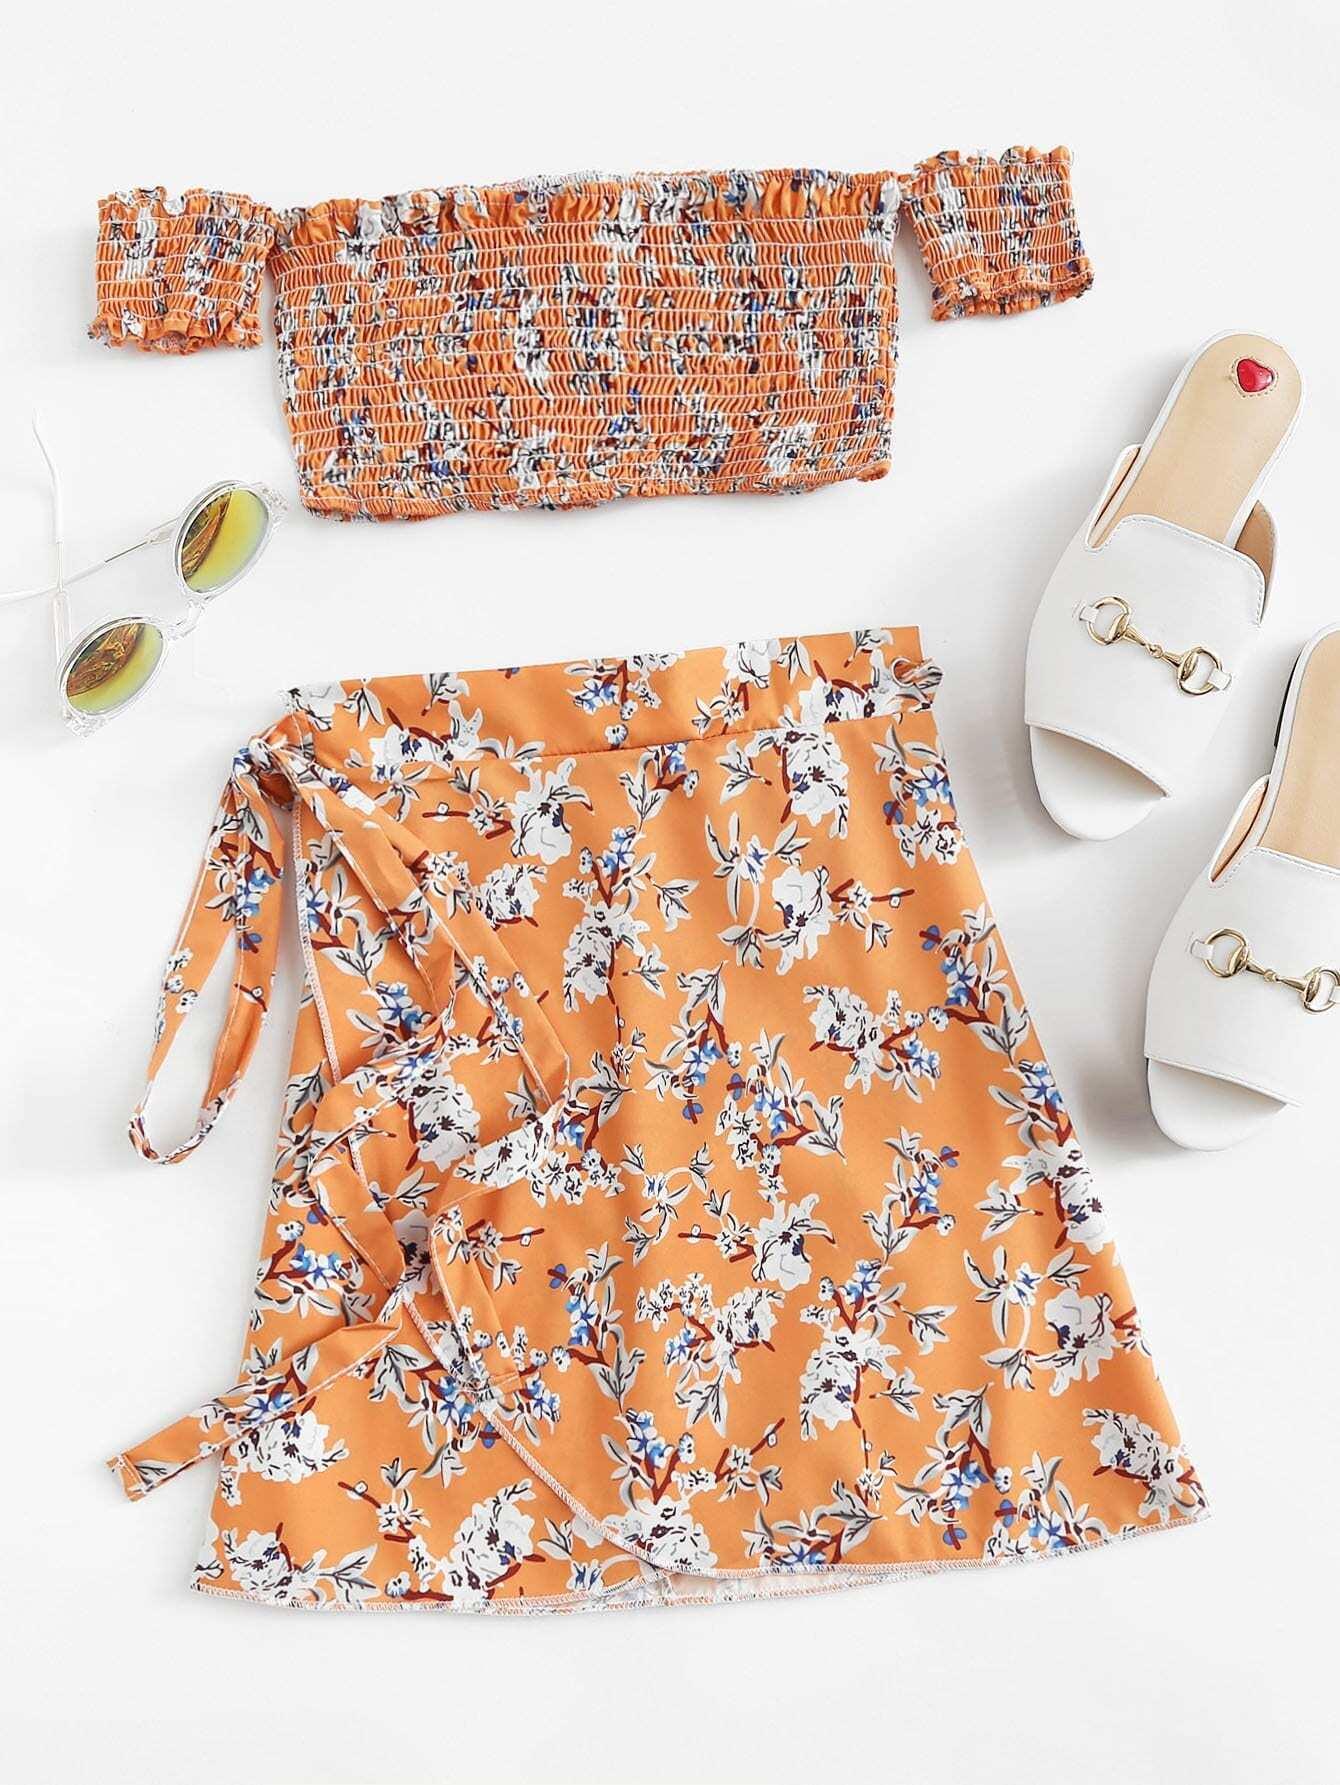 Купить Повседневный стиль Со цветочками Складки Оранжевый Комплект, null, SheIn